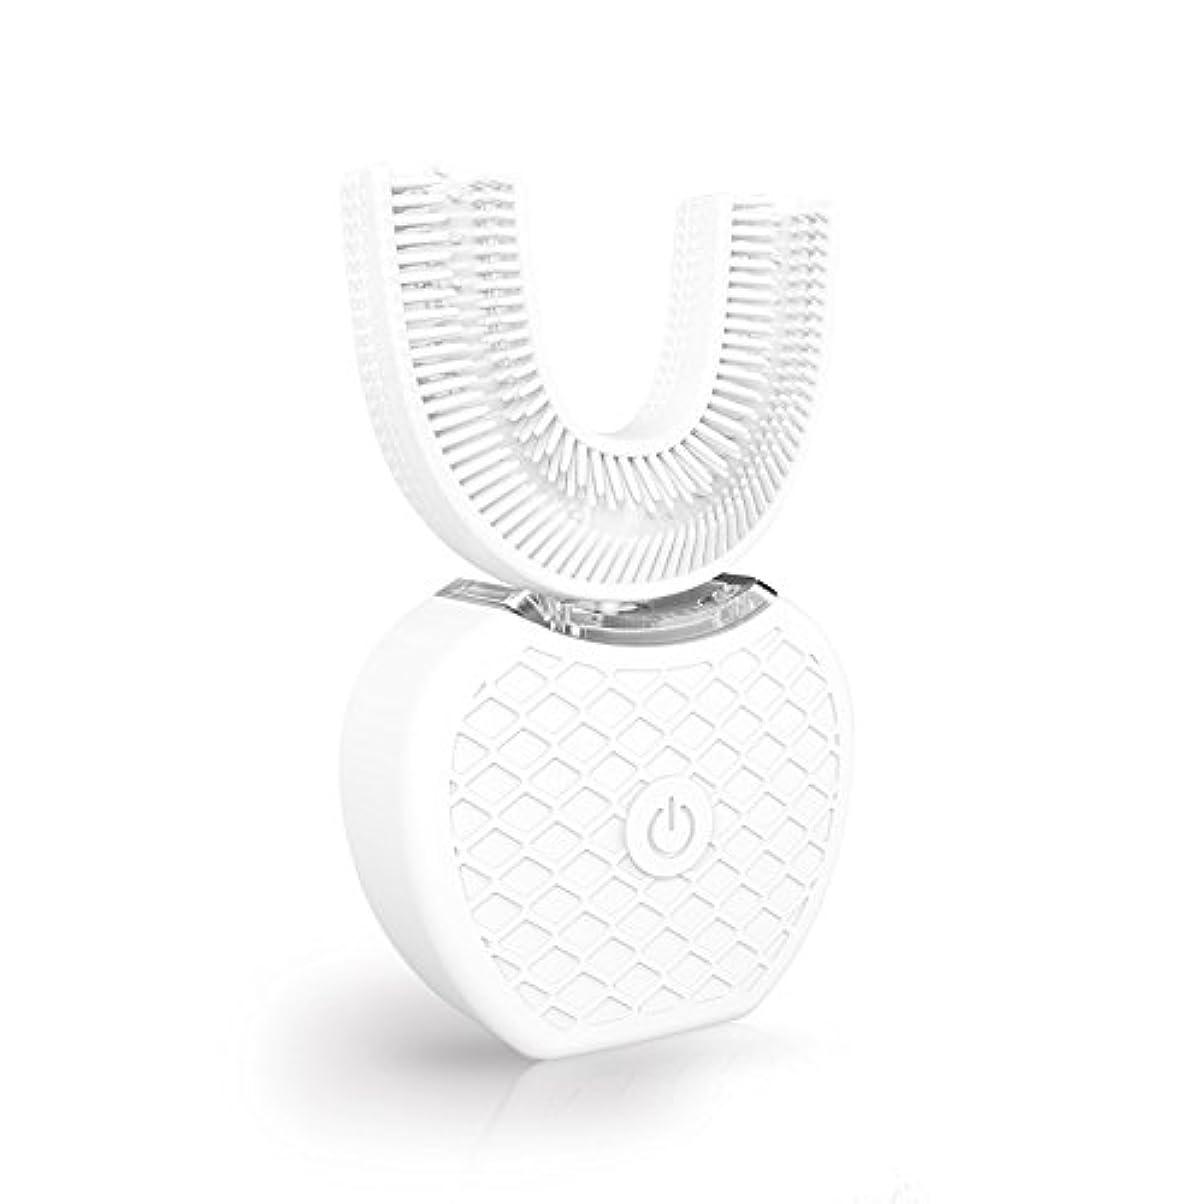 拮抗するコミュニケーション持ってるHANSHUMY 自動歯ブラシ 怠け者歯ブラシ ナノブルレー 電動 U型 超音波 専門360°全方位 4段調節 15秒に細菌清浄 IPX7レベル防水 自動 歯ブラシ ホワイト